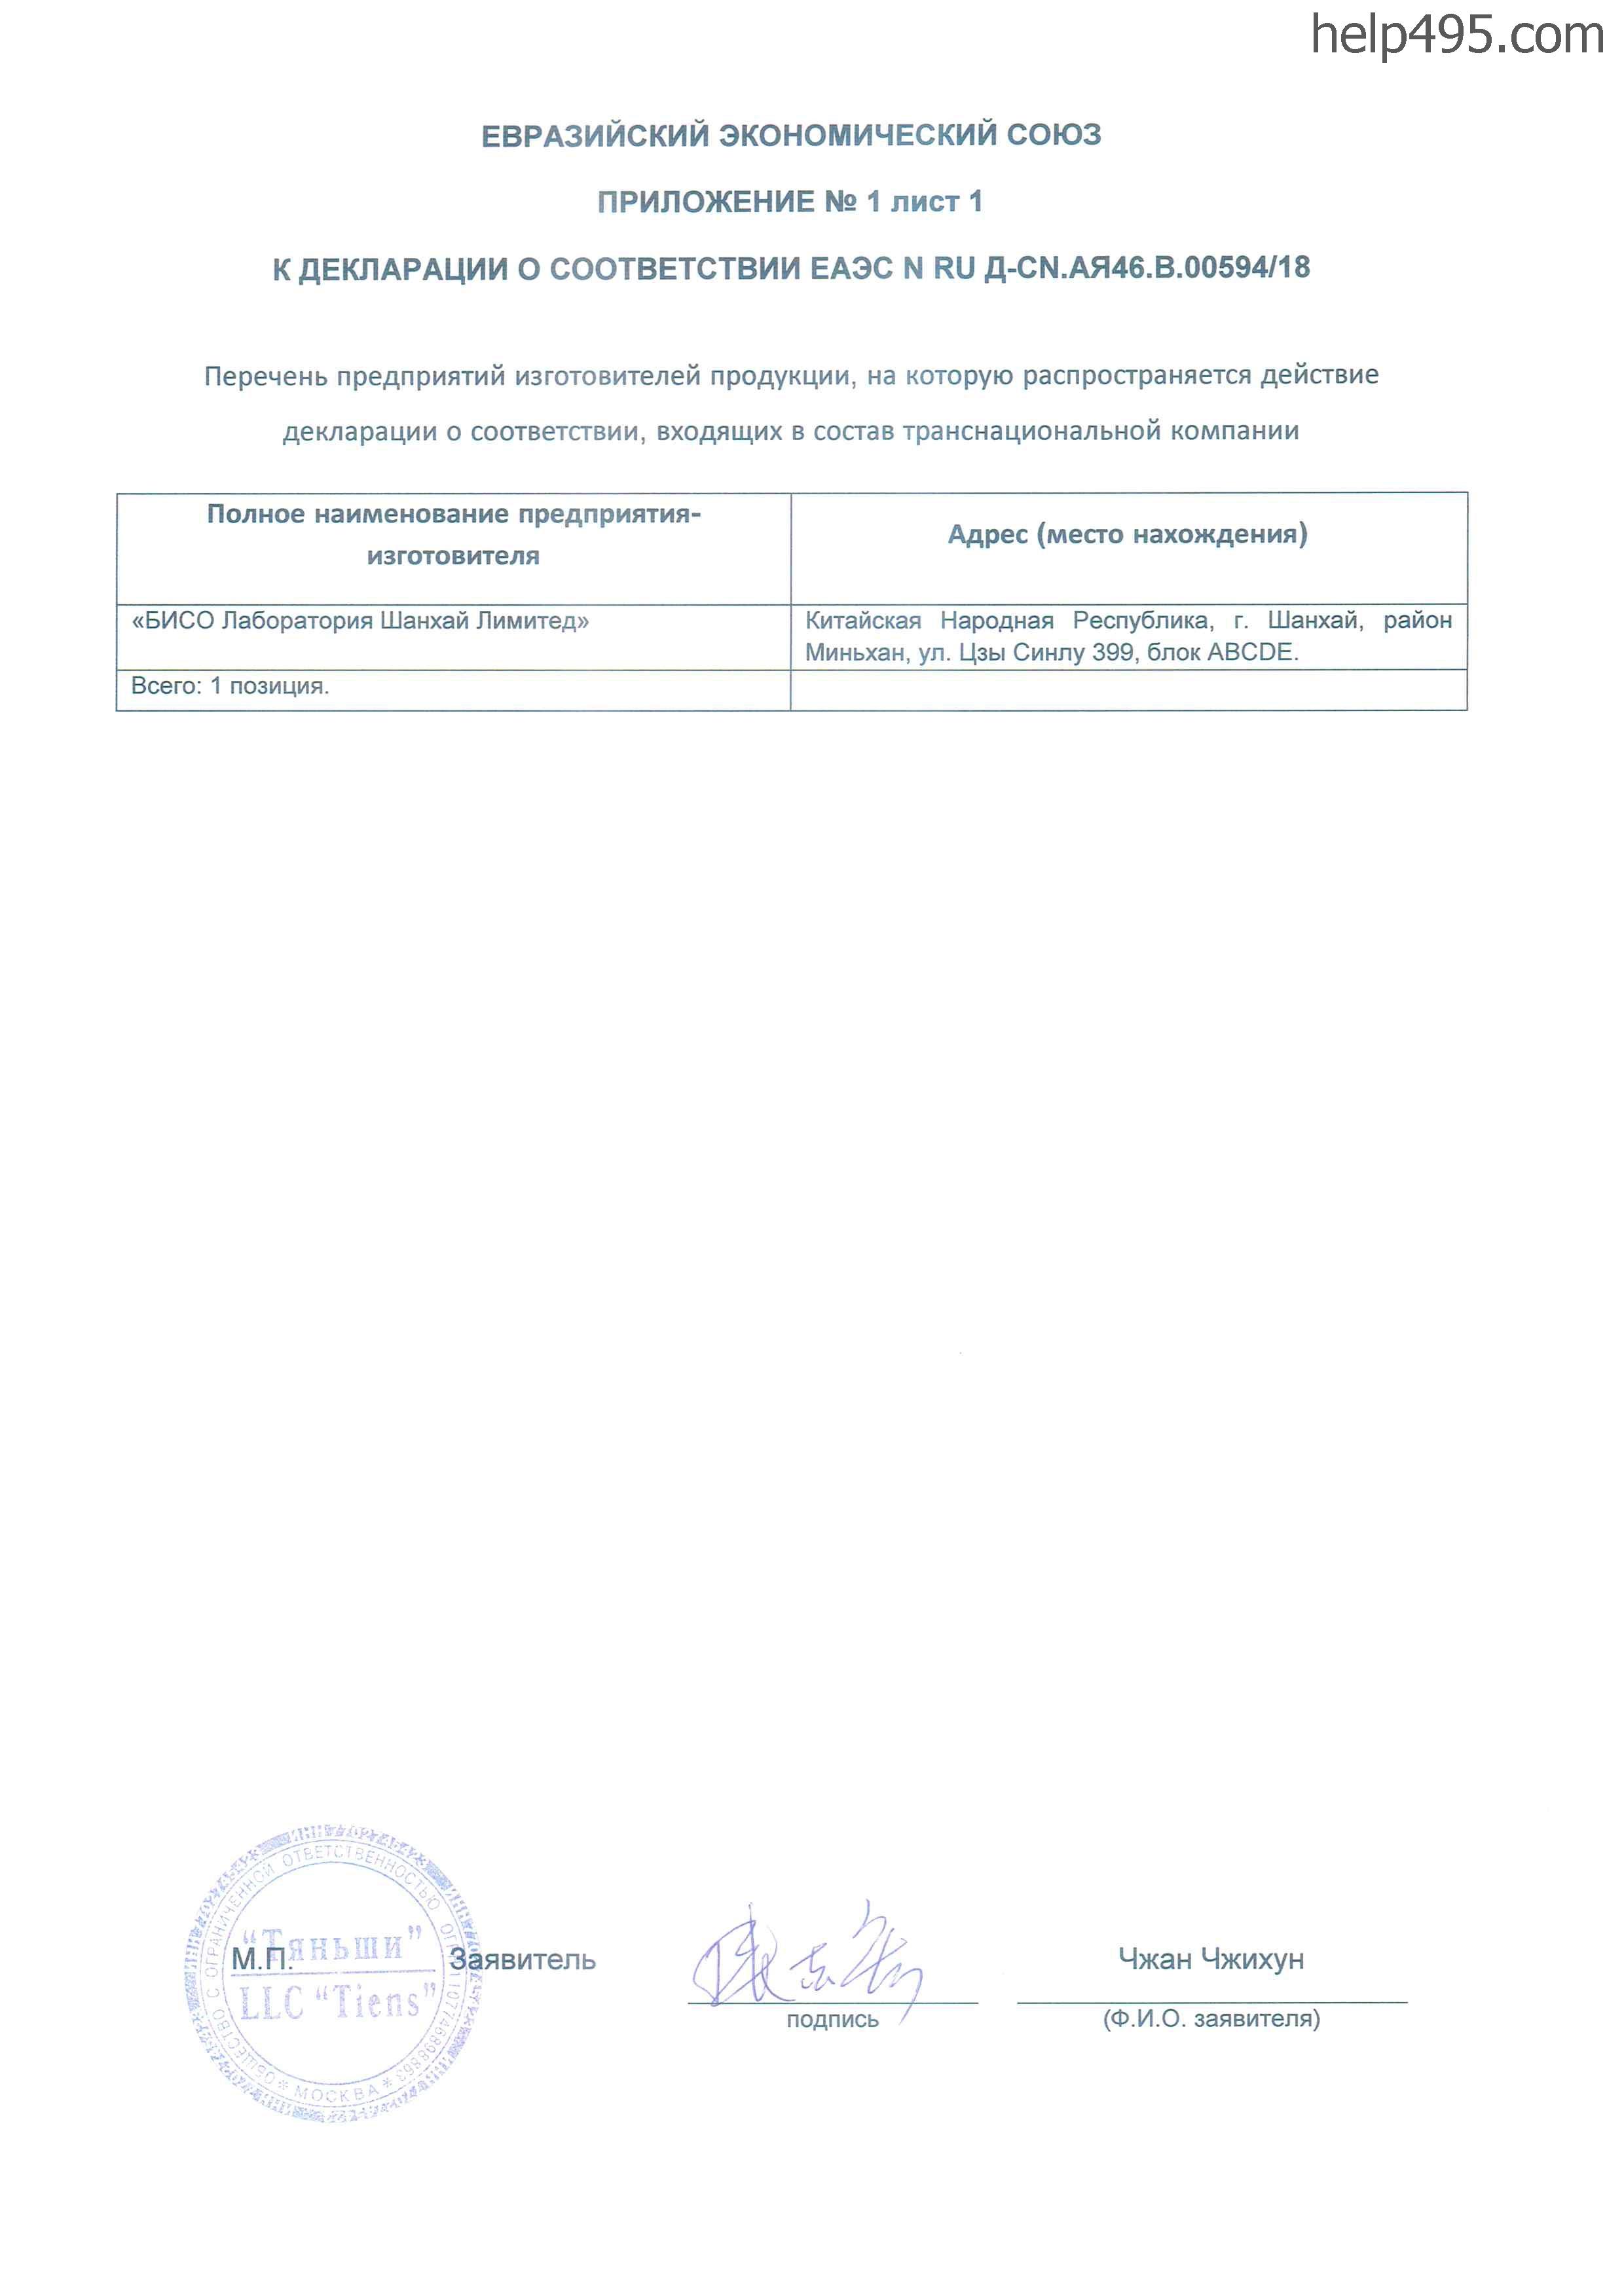 Приложение 1 к Декларации о соответствии средства Увлажняющий крем с экстрактами морских водорослей и дрожжей CELLES TIANE